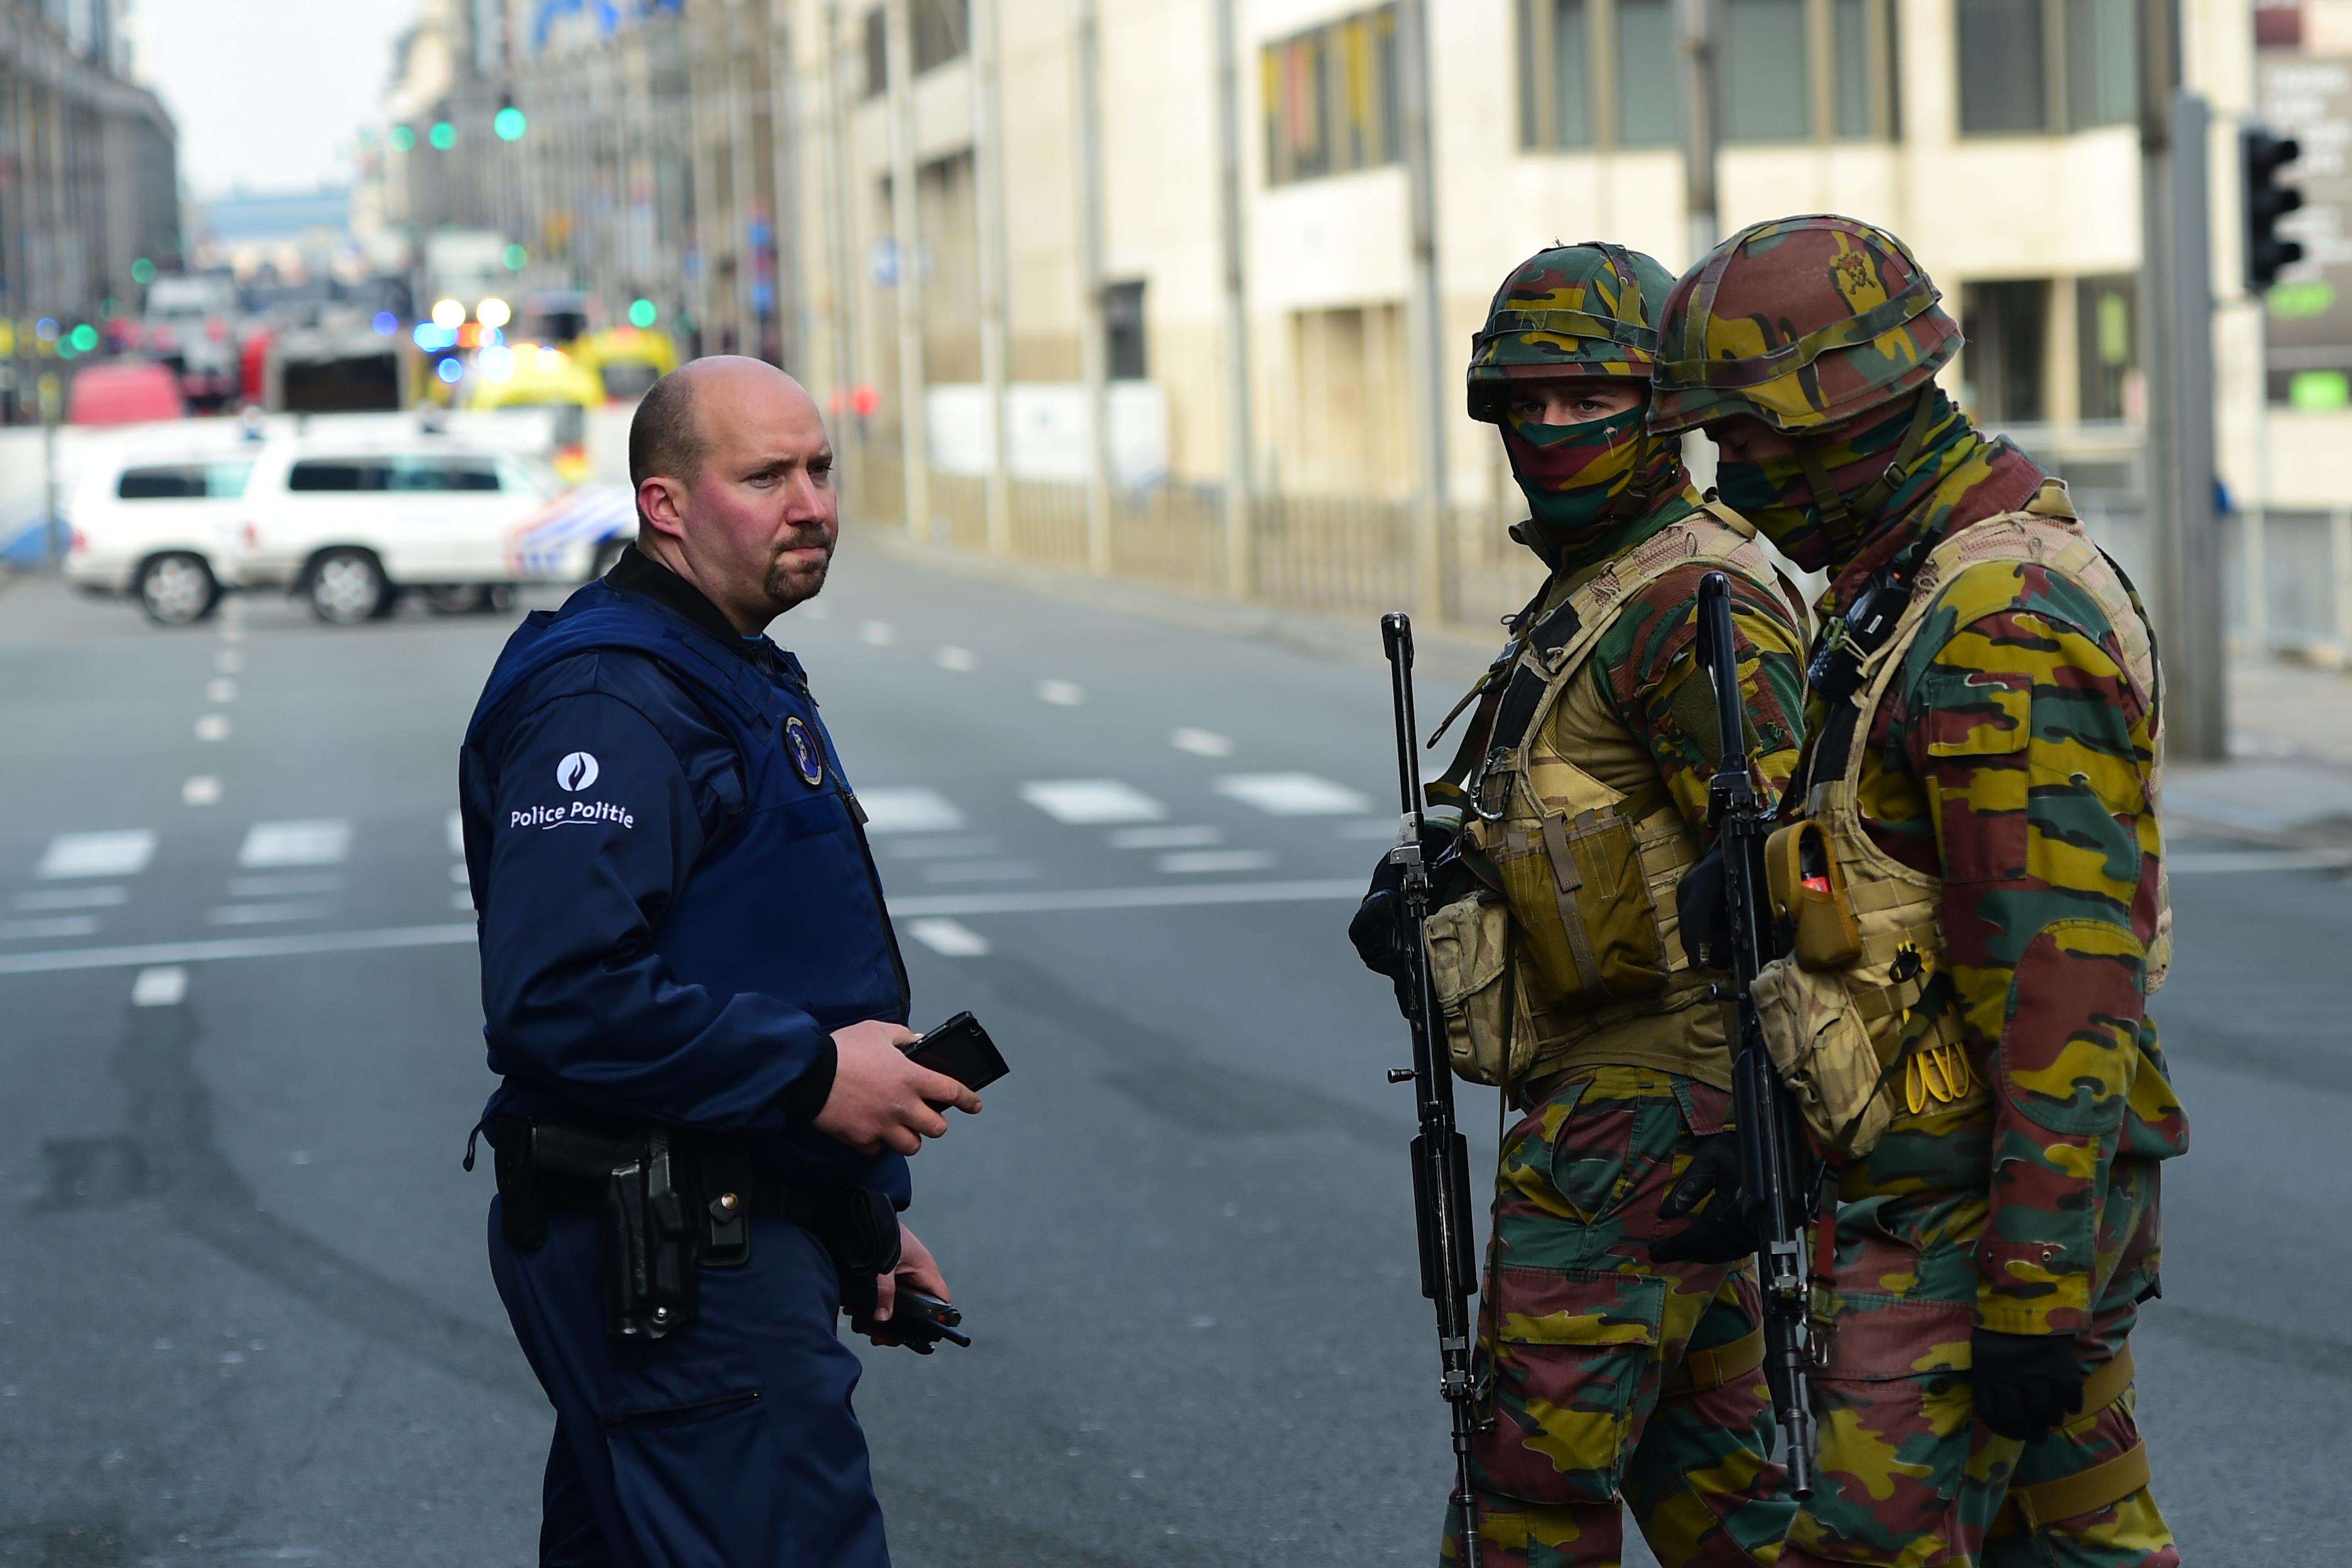 A szeptemberi migránsullámmal jöhetett vissza Európába az egyik brüsszeli terrorista